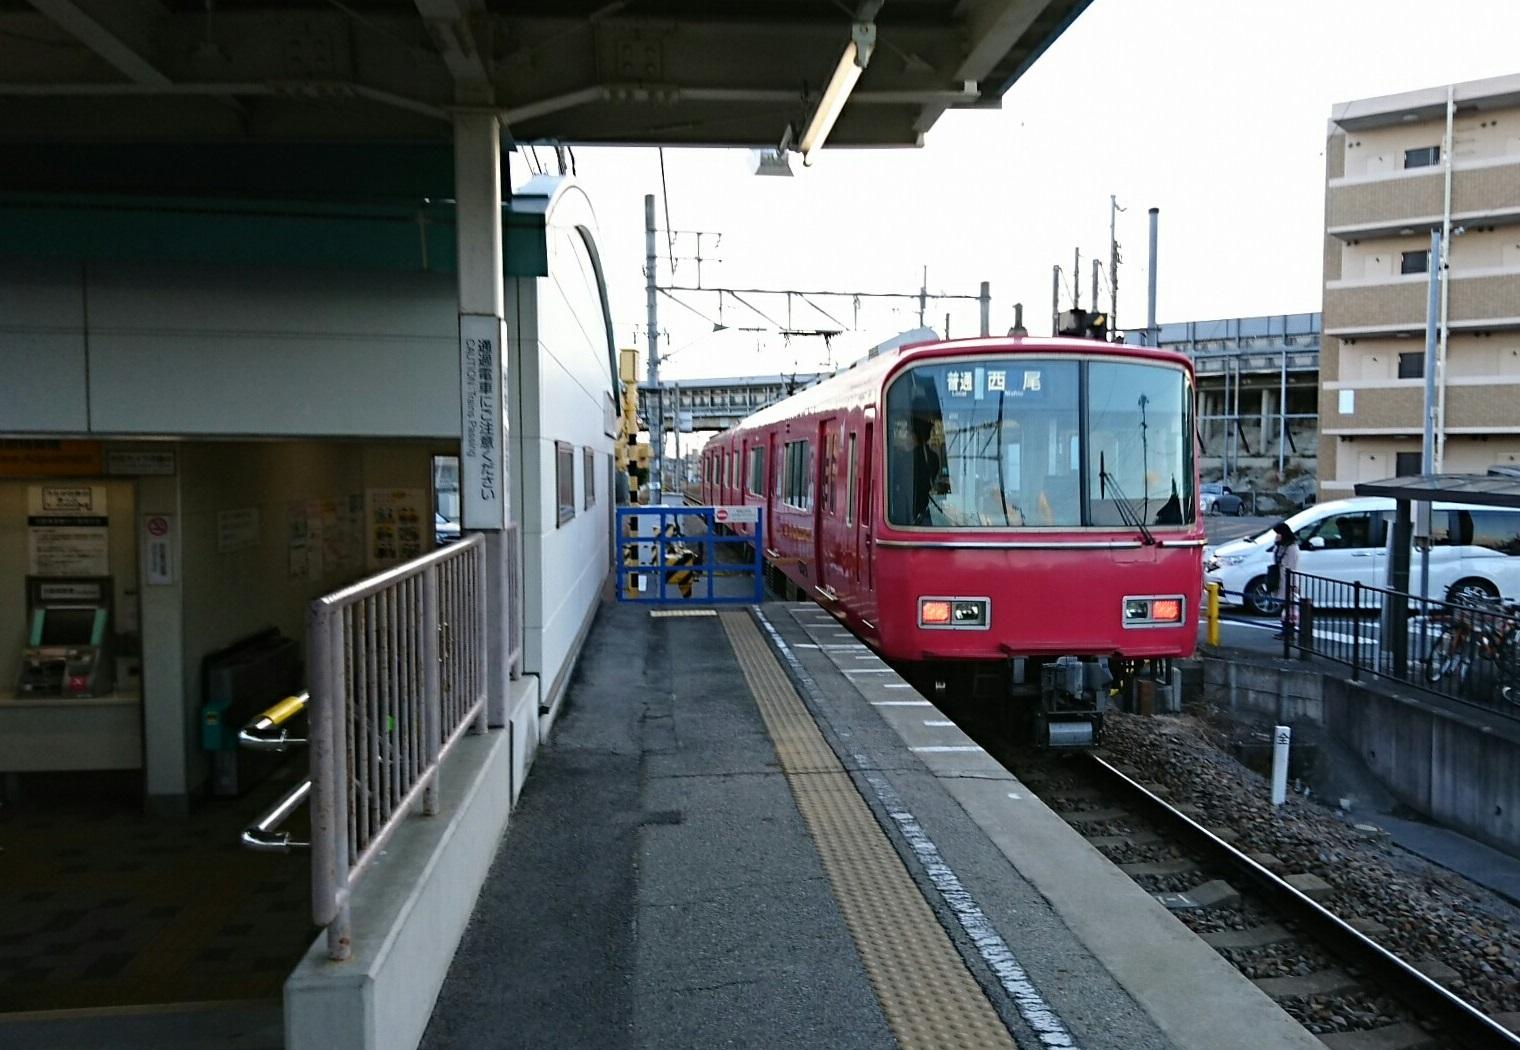 2018.2.11 西尾線 (8) 古井 - 西尾いきふつう 1520-1050